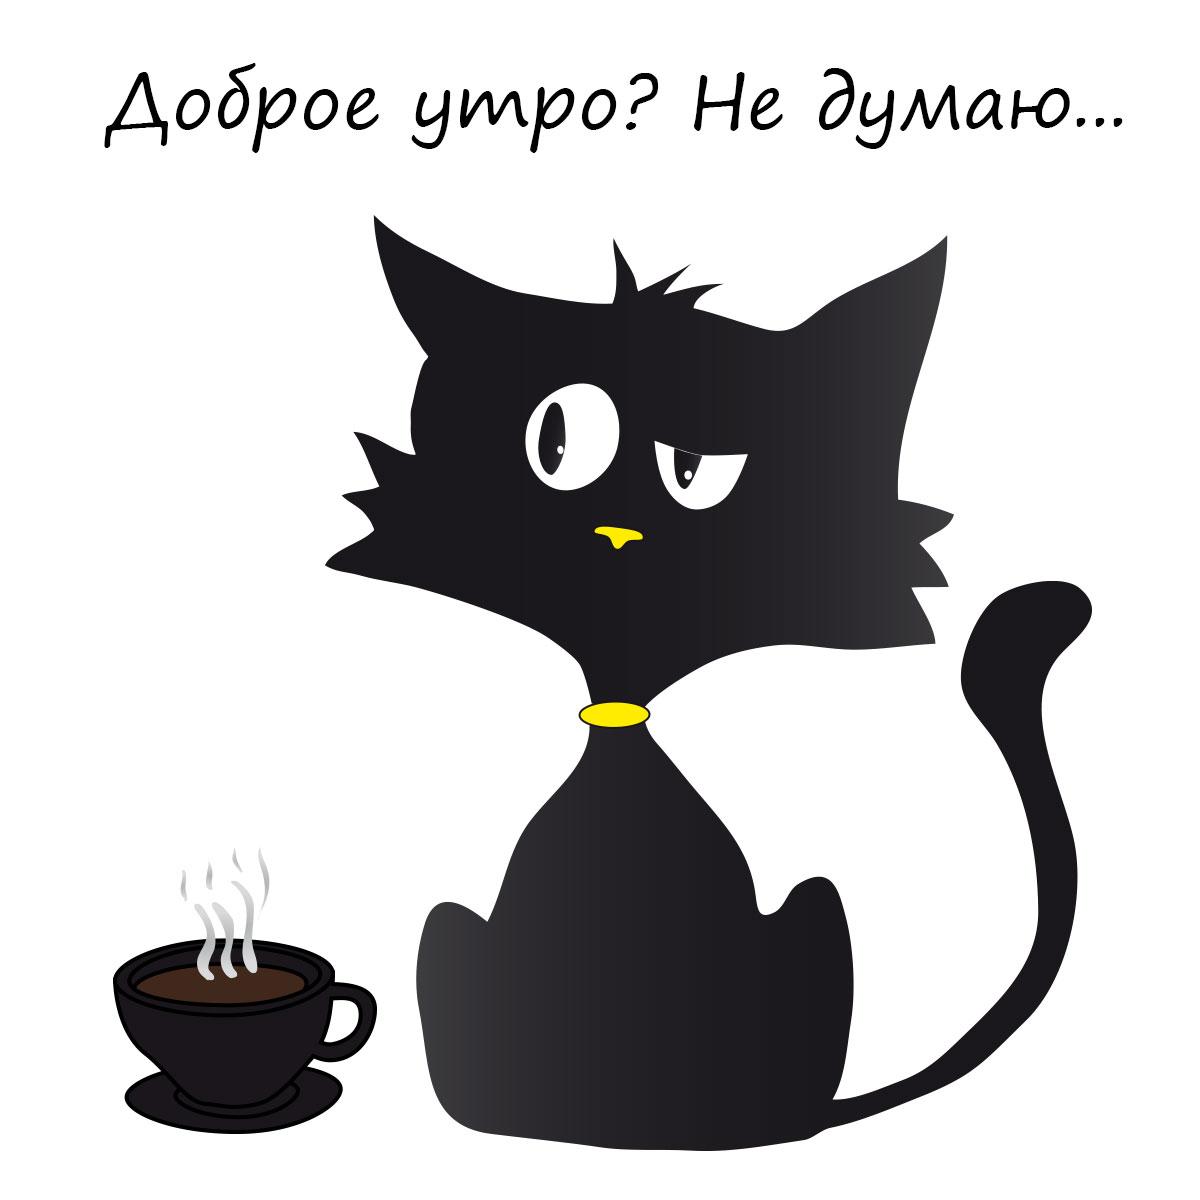 Картинка недоброе утро с рисунком чёрной кошки возле кофейной чашки на белом фоне.